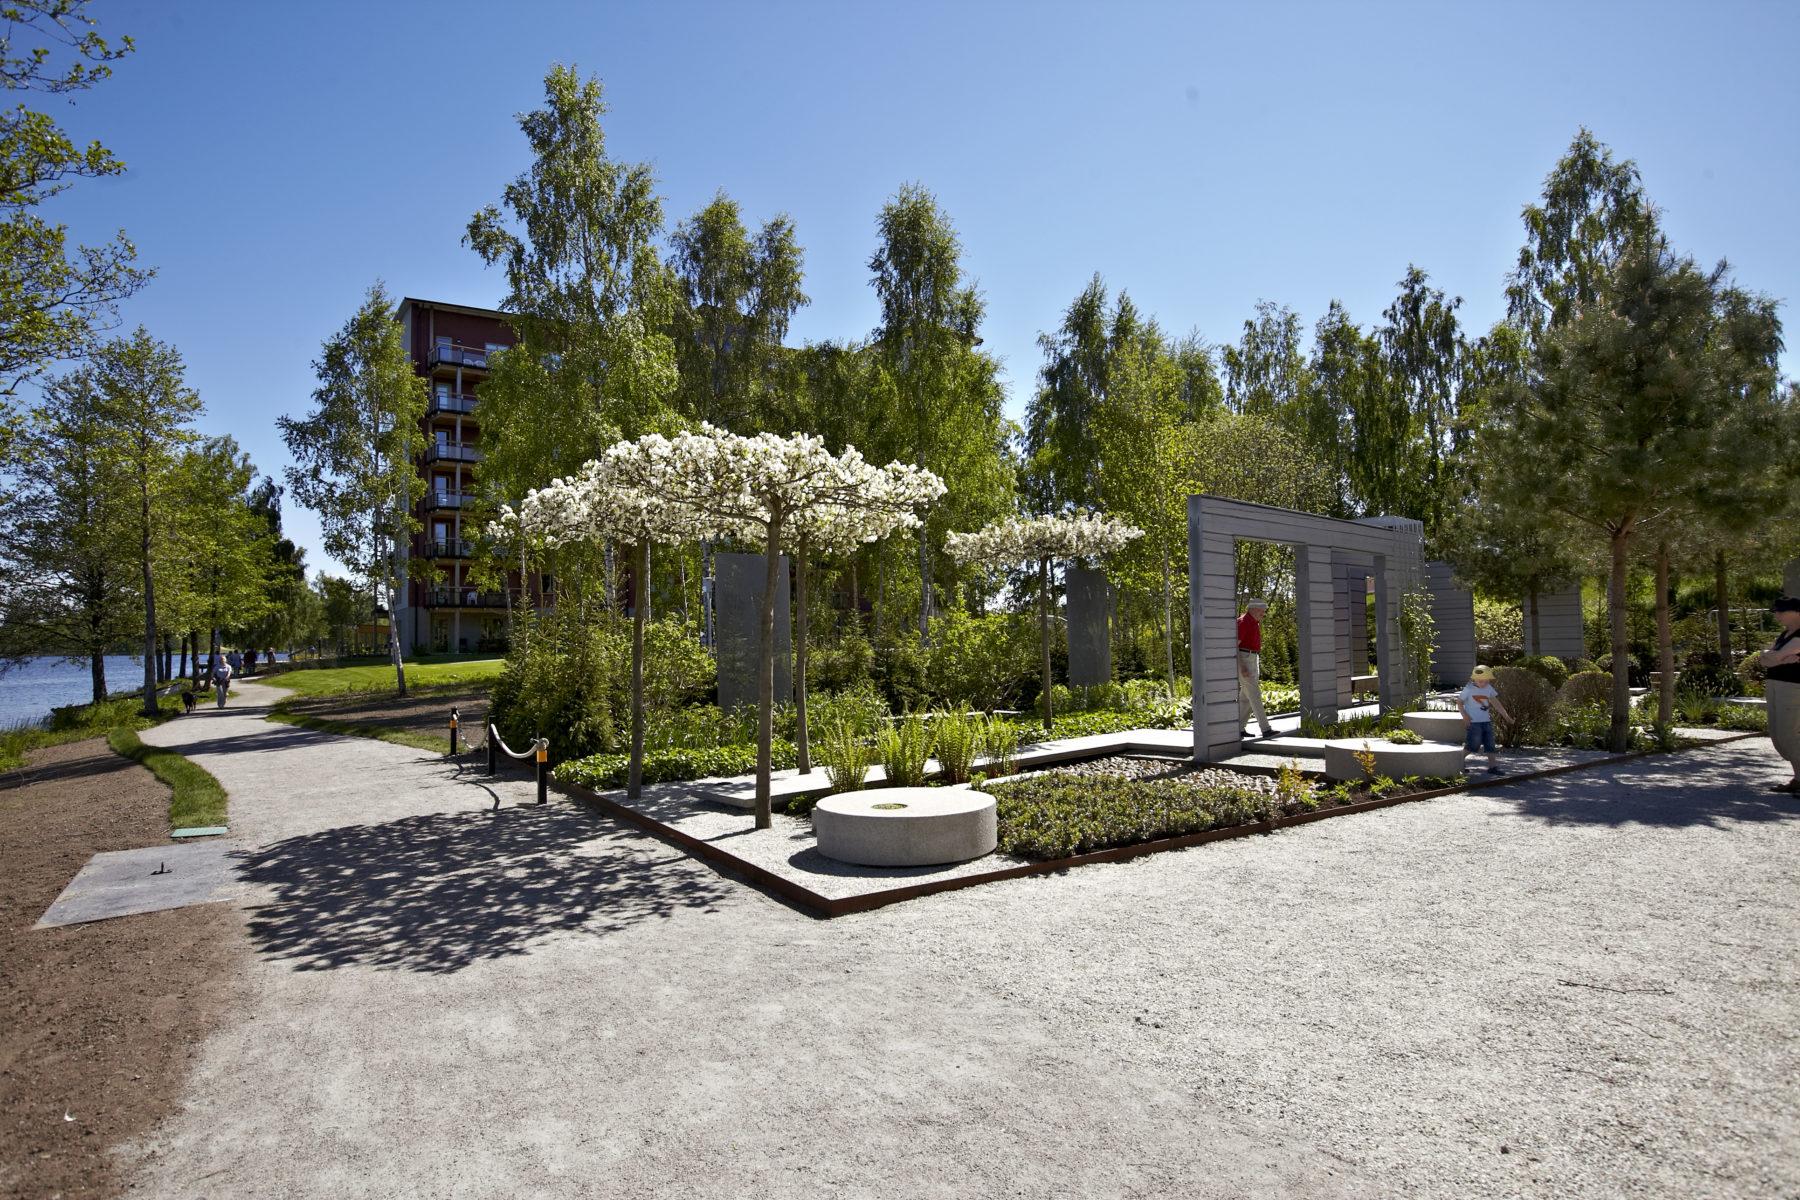 Linneträdgården Växjö / Ulf Nordfjell, photographer Mats Samuelsson